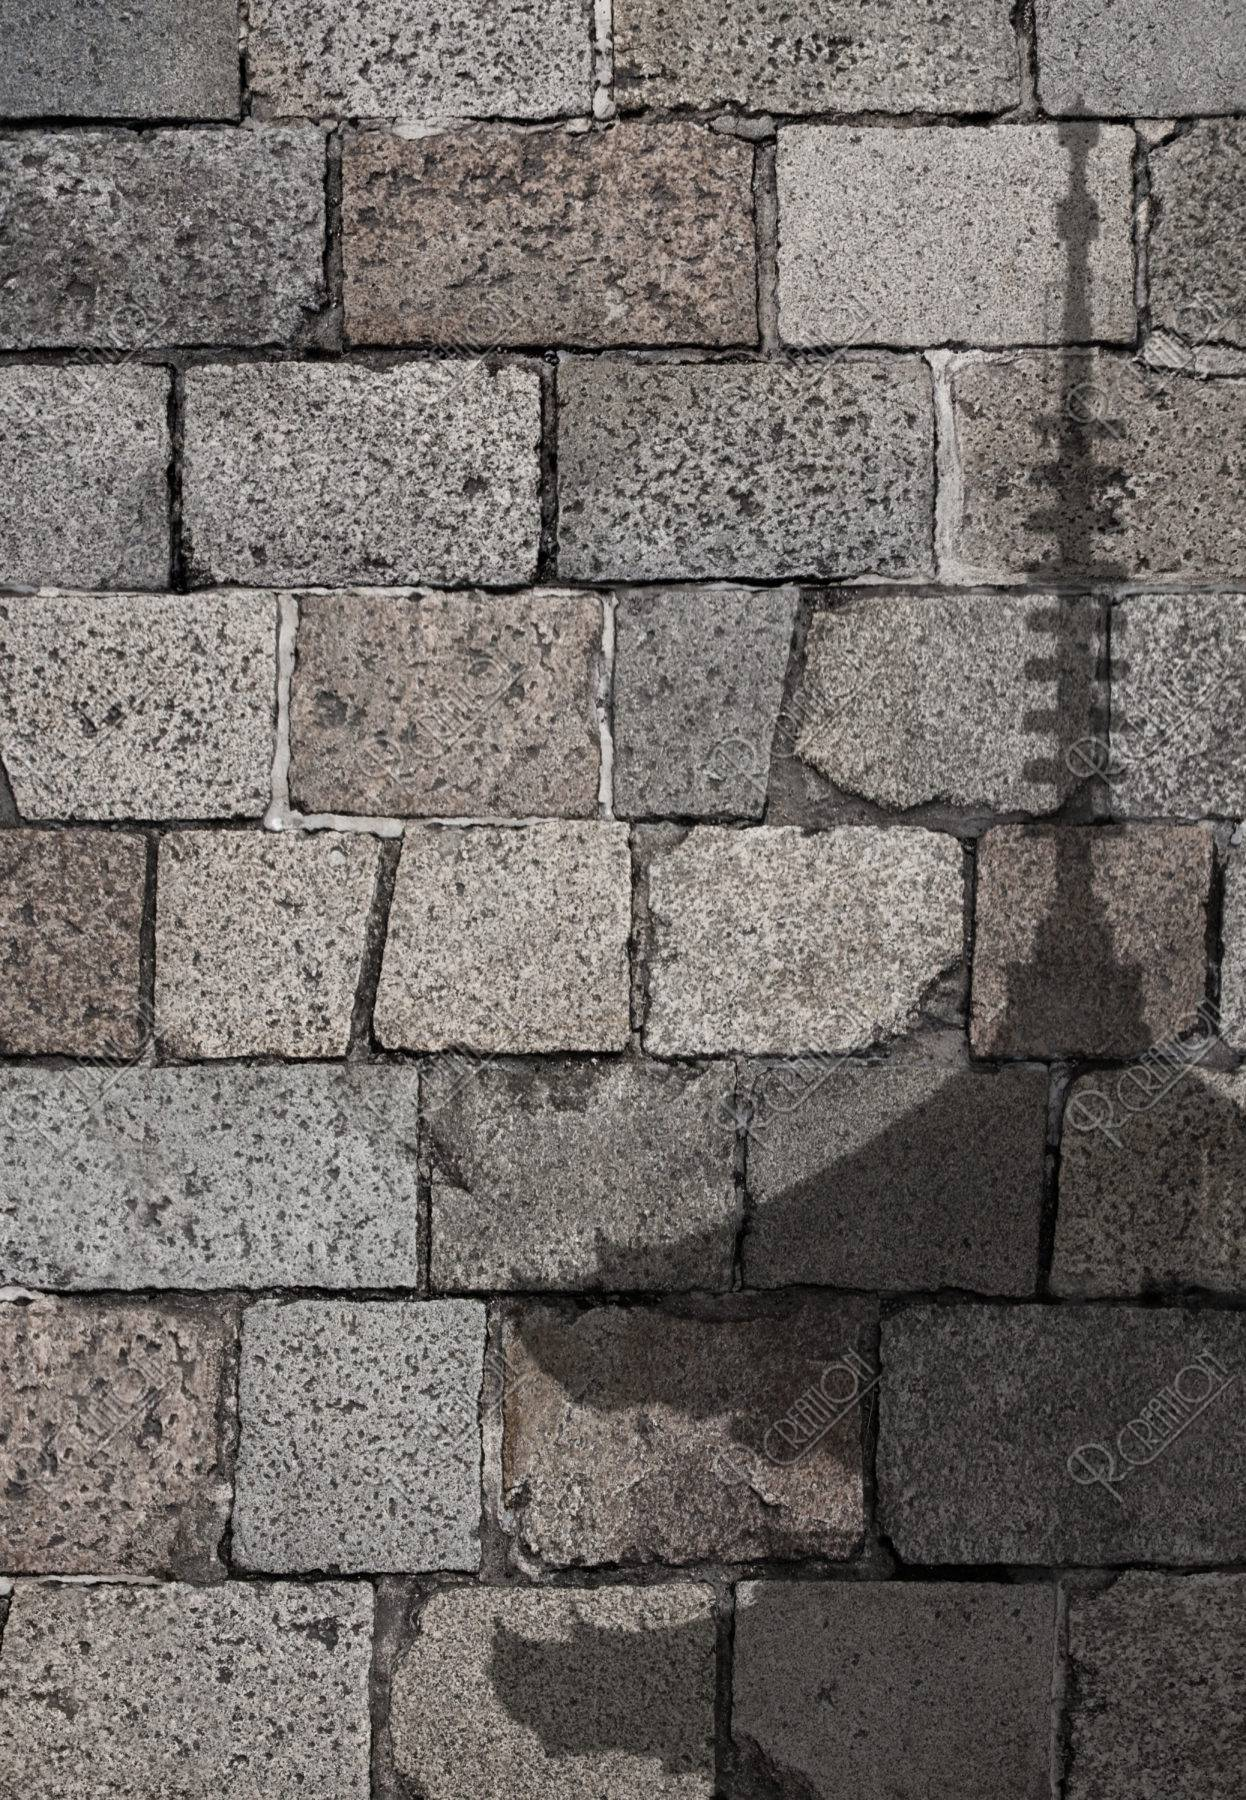 五重塔の影と石畳